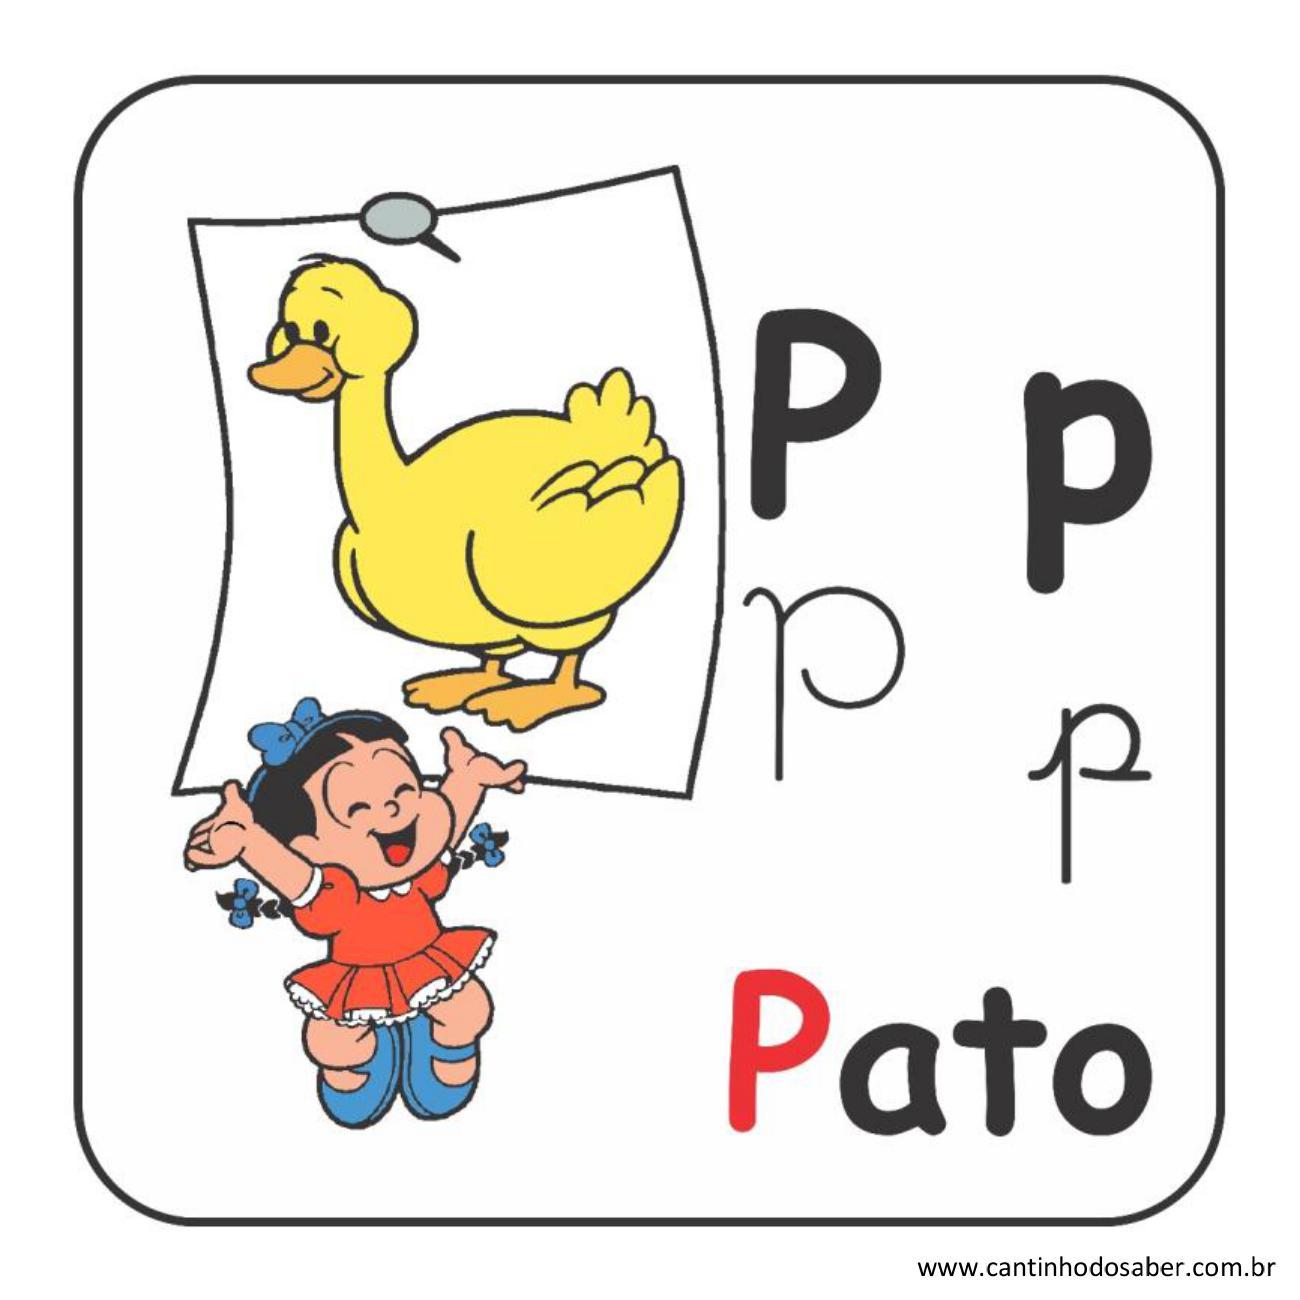 Alfabeto da turma da mônica em letra bastão e cursiva letra p